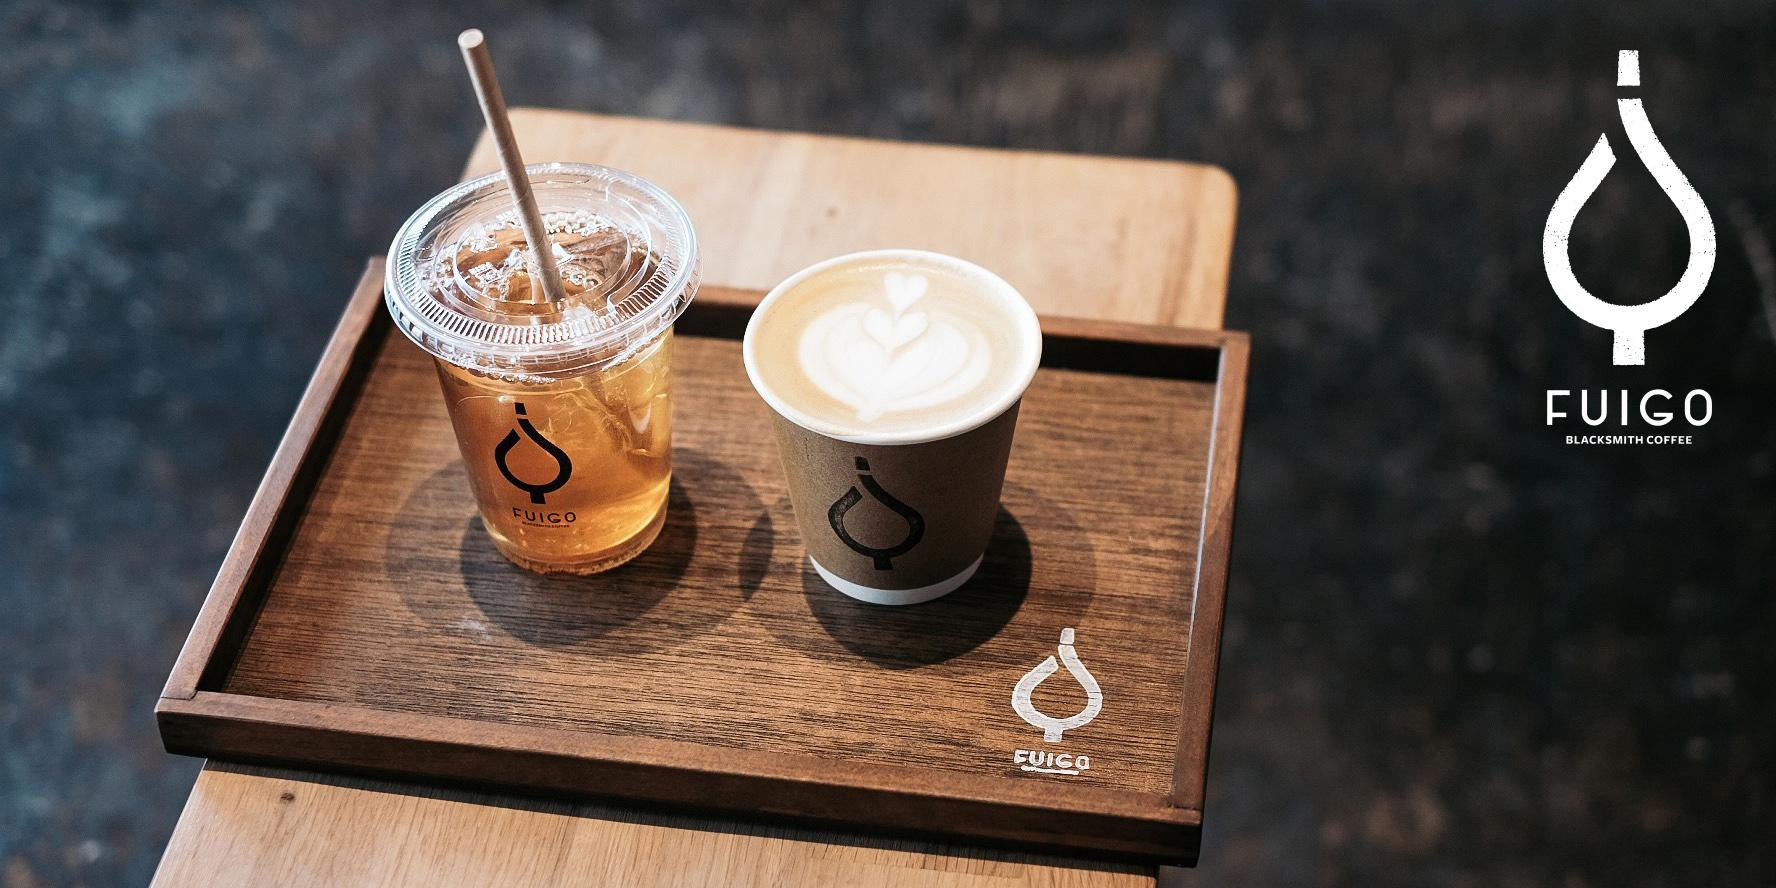 FUIGO,cafe,logo,カフェ,店舗ロゴ,ロゴ,デザイン,制作,群馬県,太田市